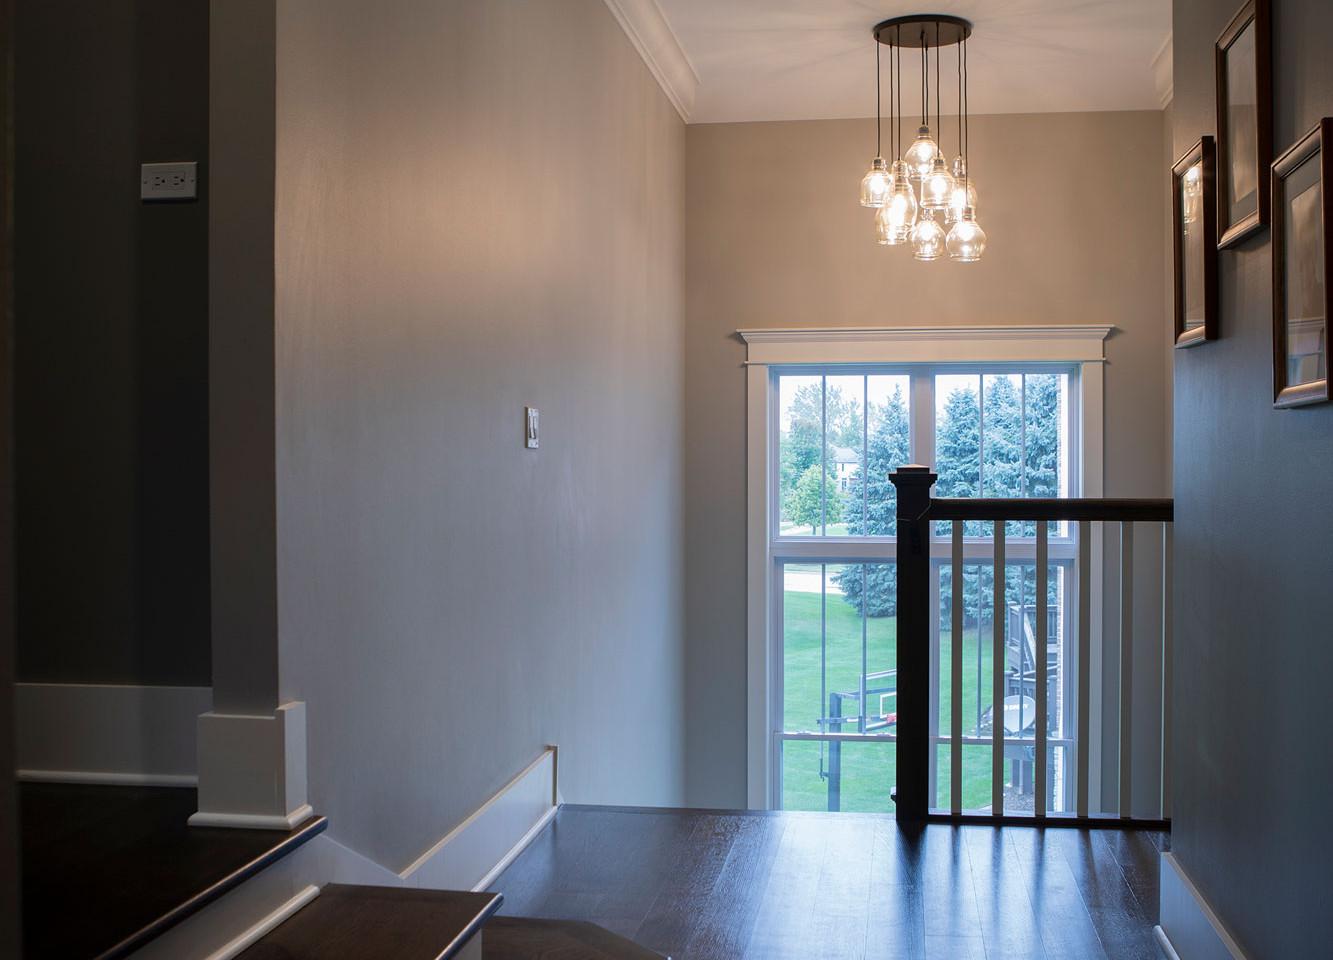 New-Home-Nottingham-Living-Space-78.jpg